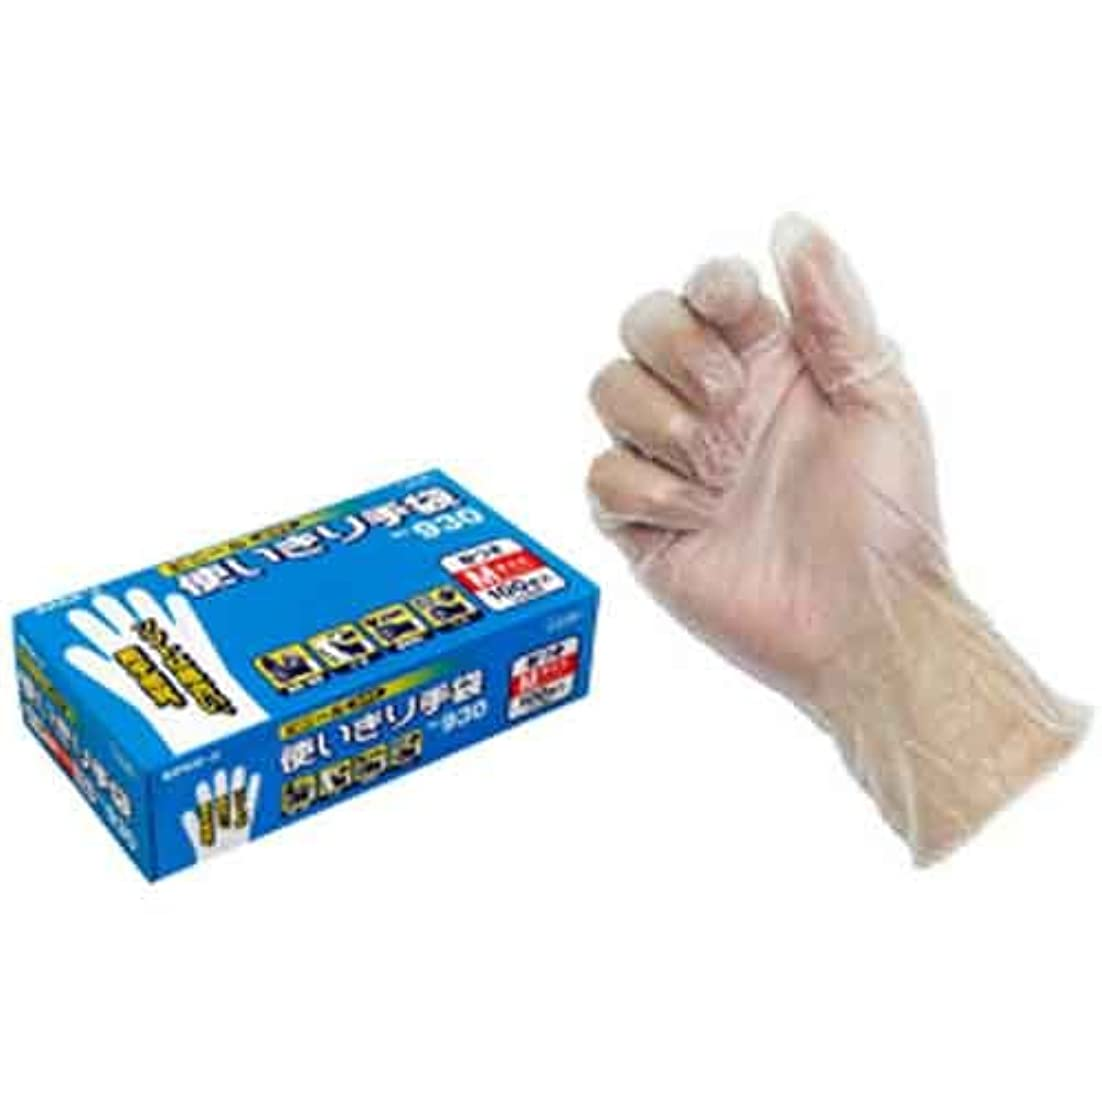 安全性貫入液体ビニール使いきり手袋(粉付)100枚入(箱) 930 M